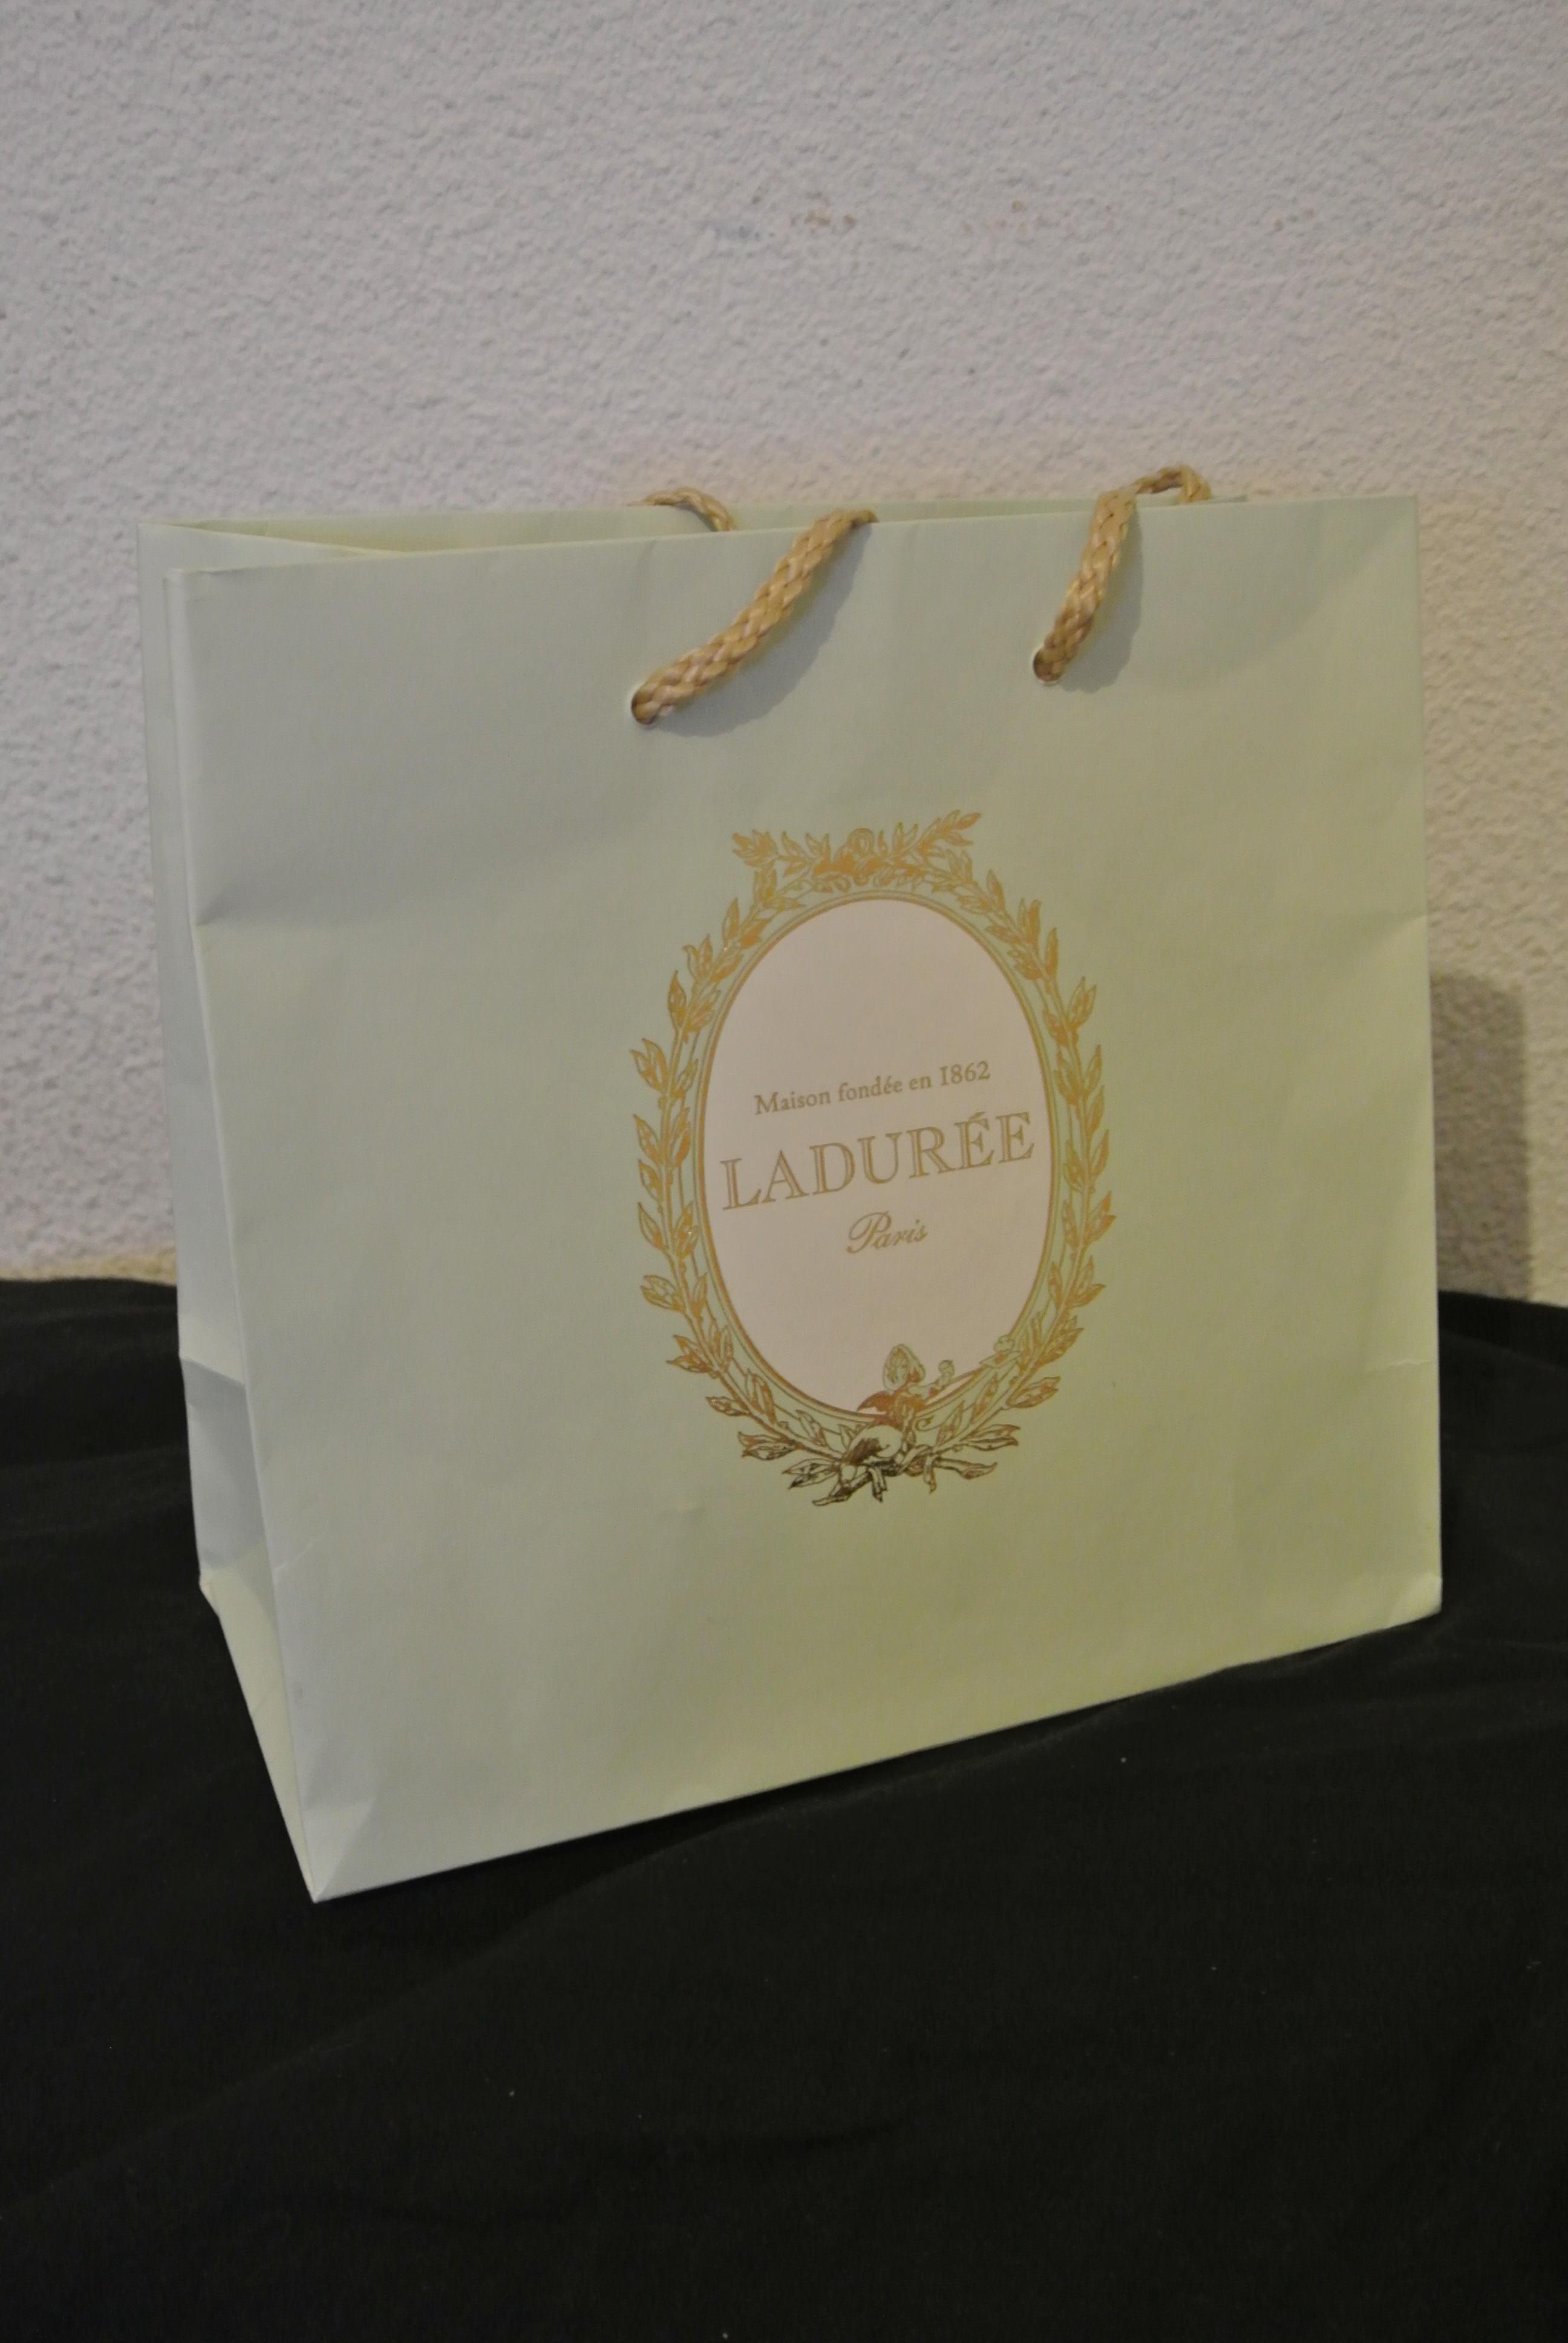 Sac Ladurée